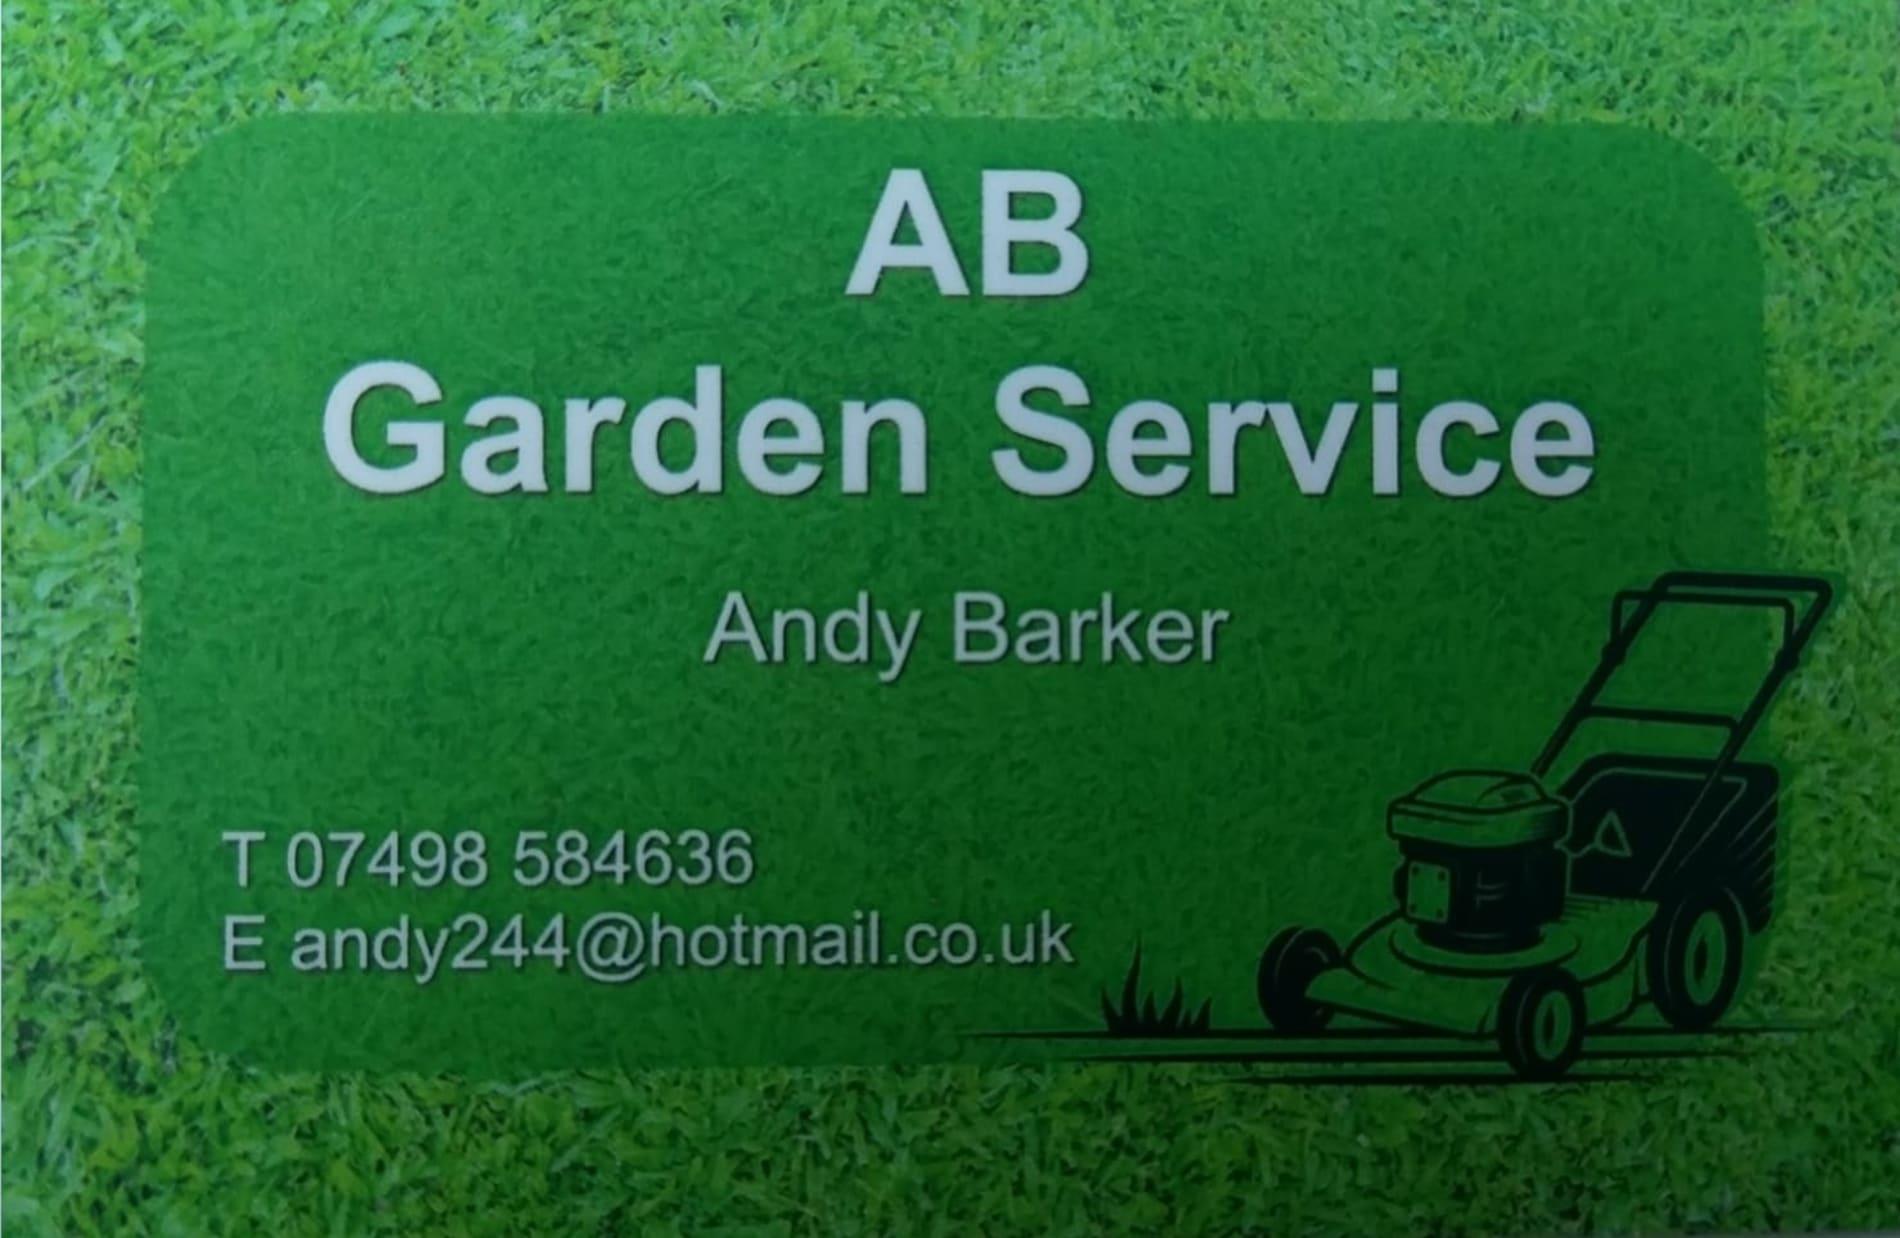 A B Garden Service